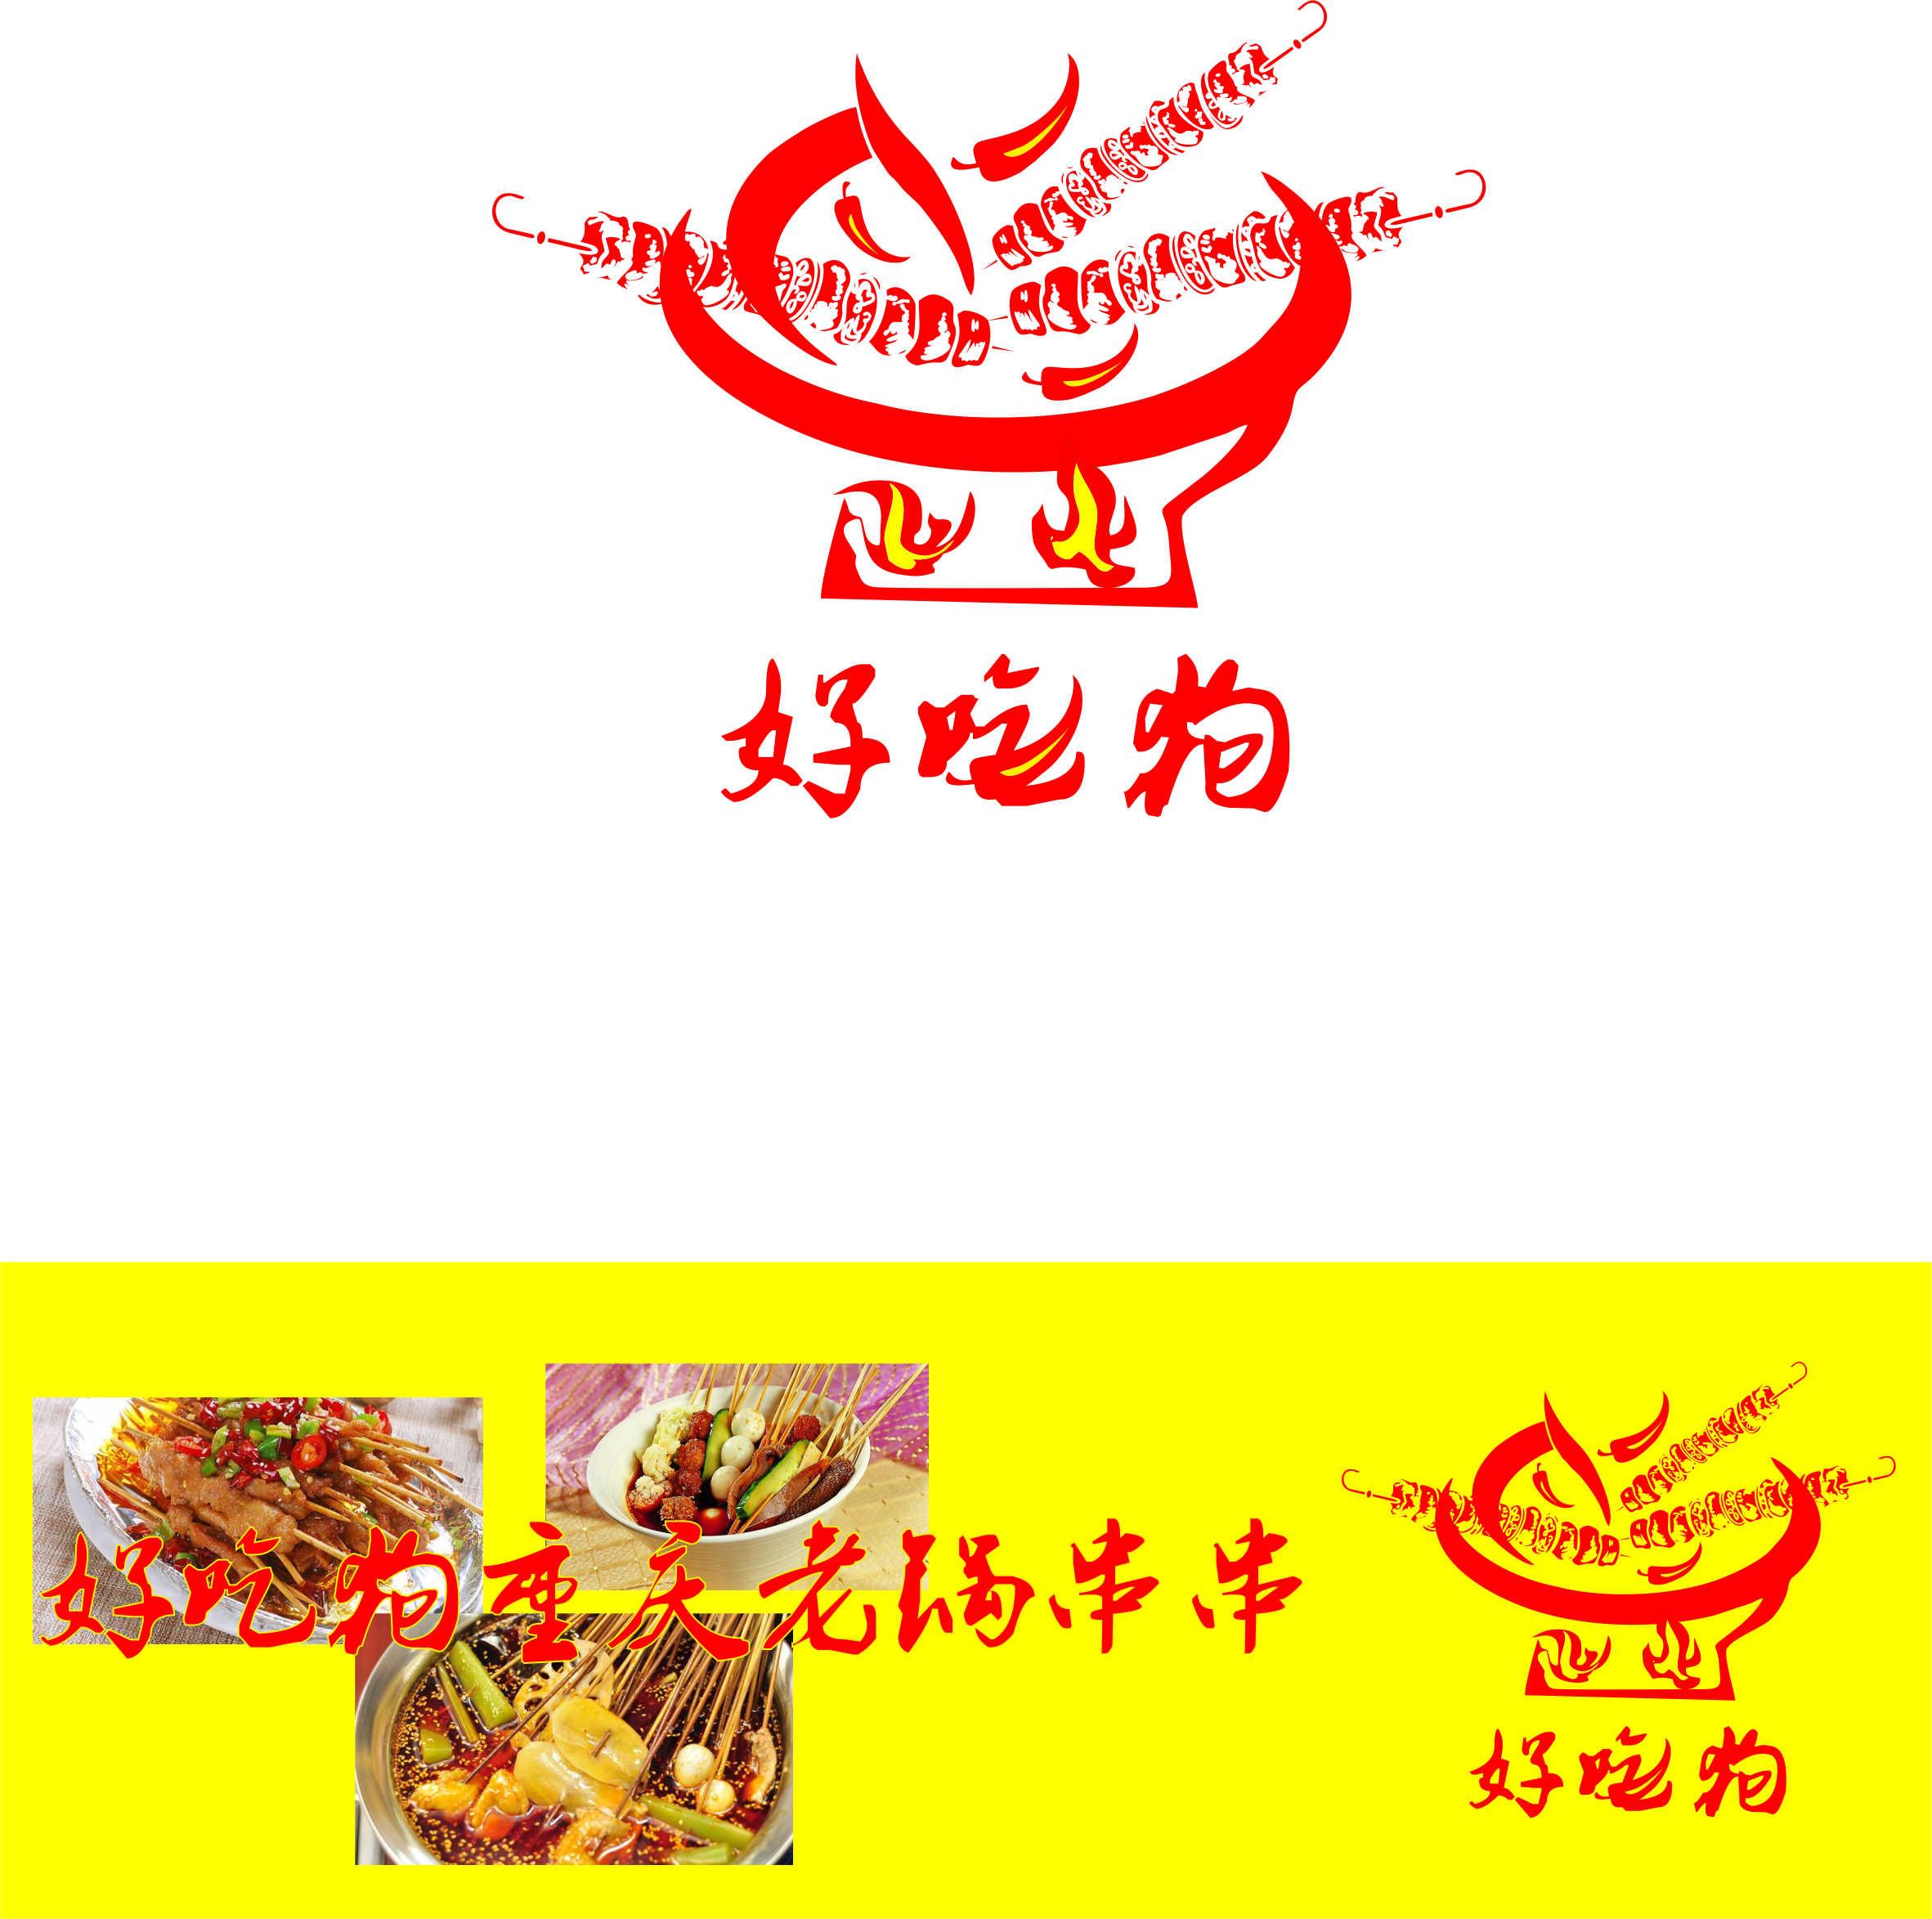 重庆串串香logo设计及简单应用